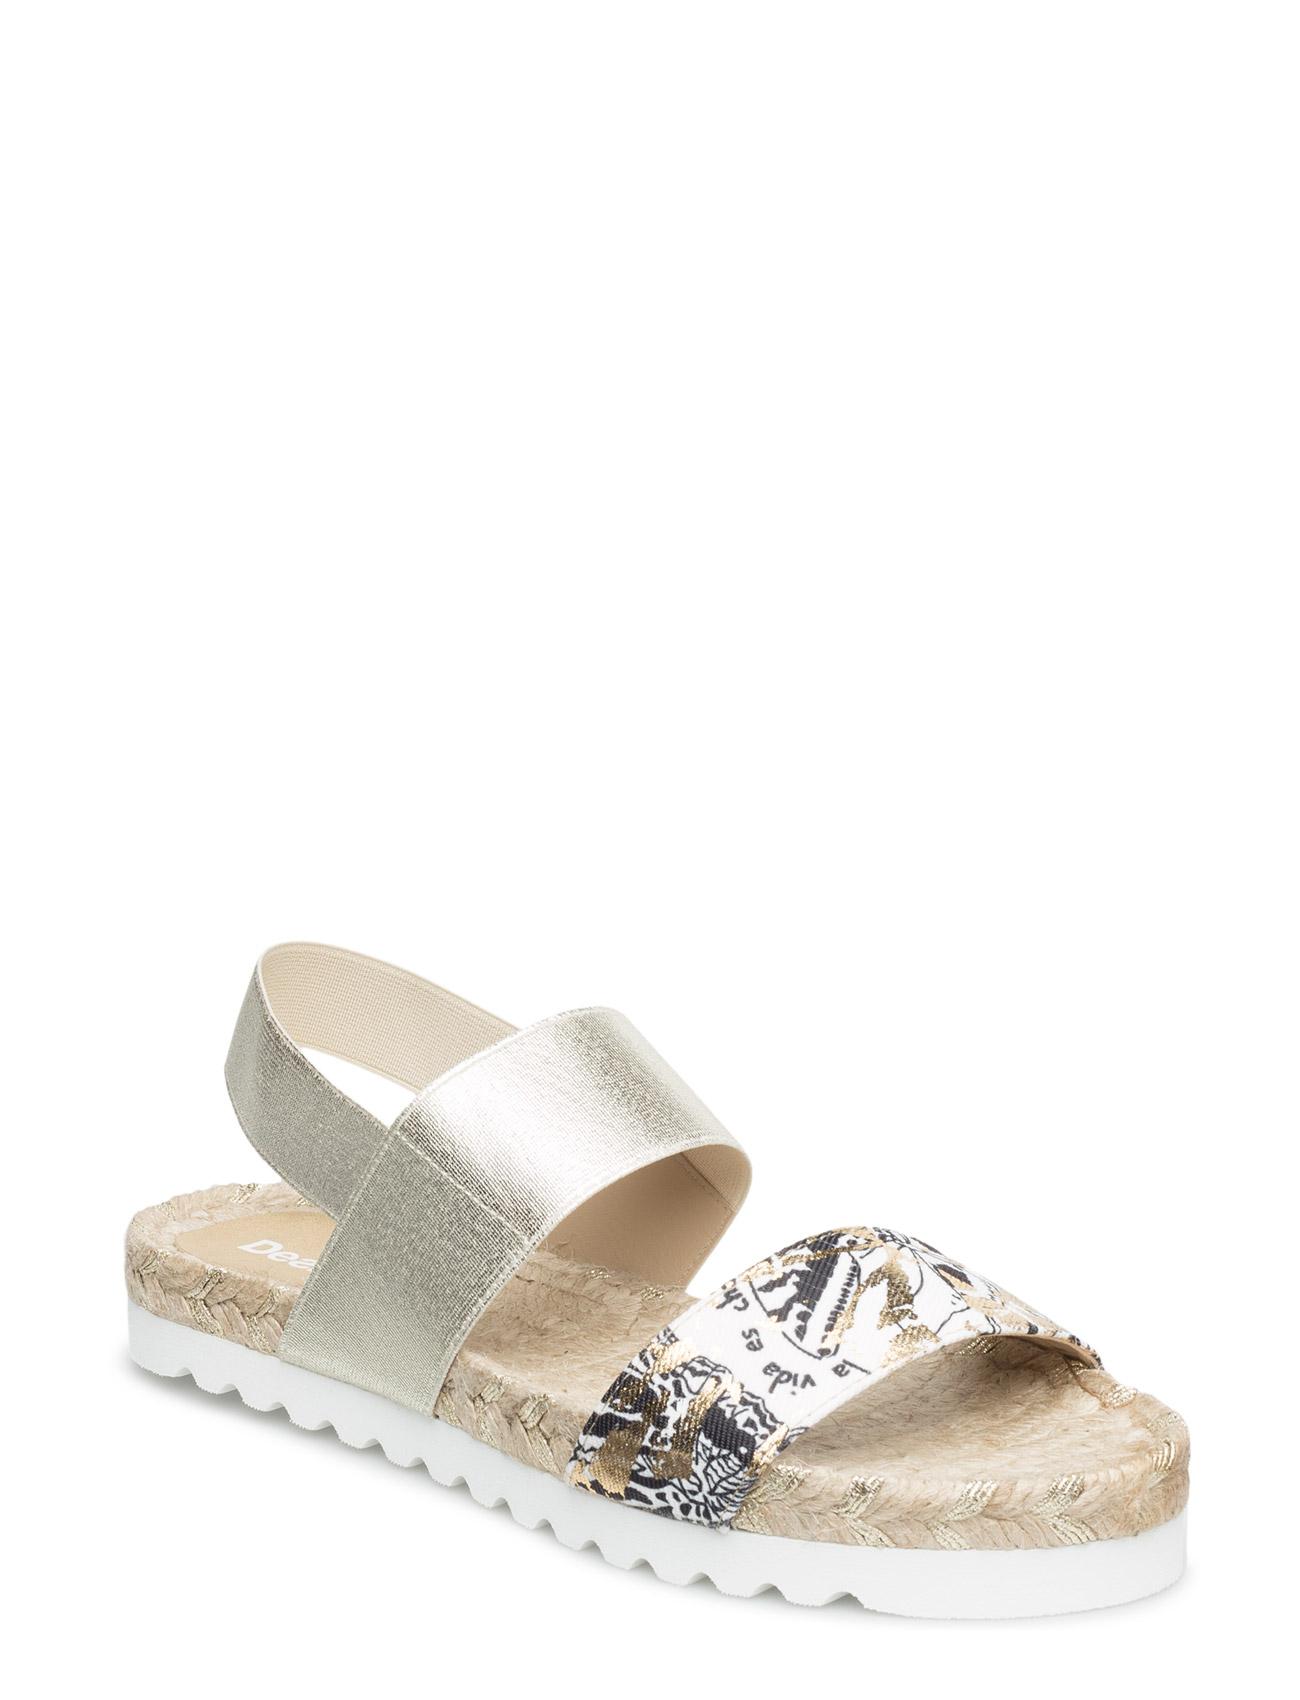 Shoes Formentera 7 Desigual Shoes Espadrillos til Kvinder i neger